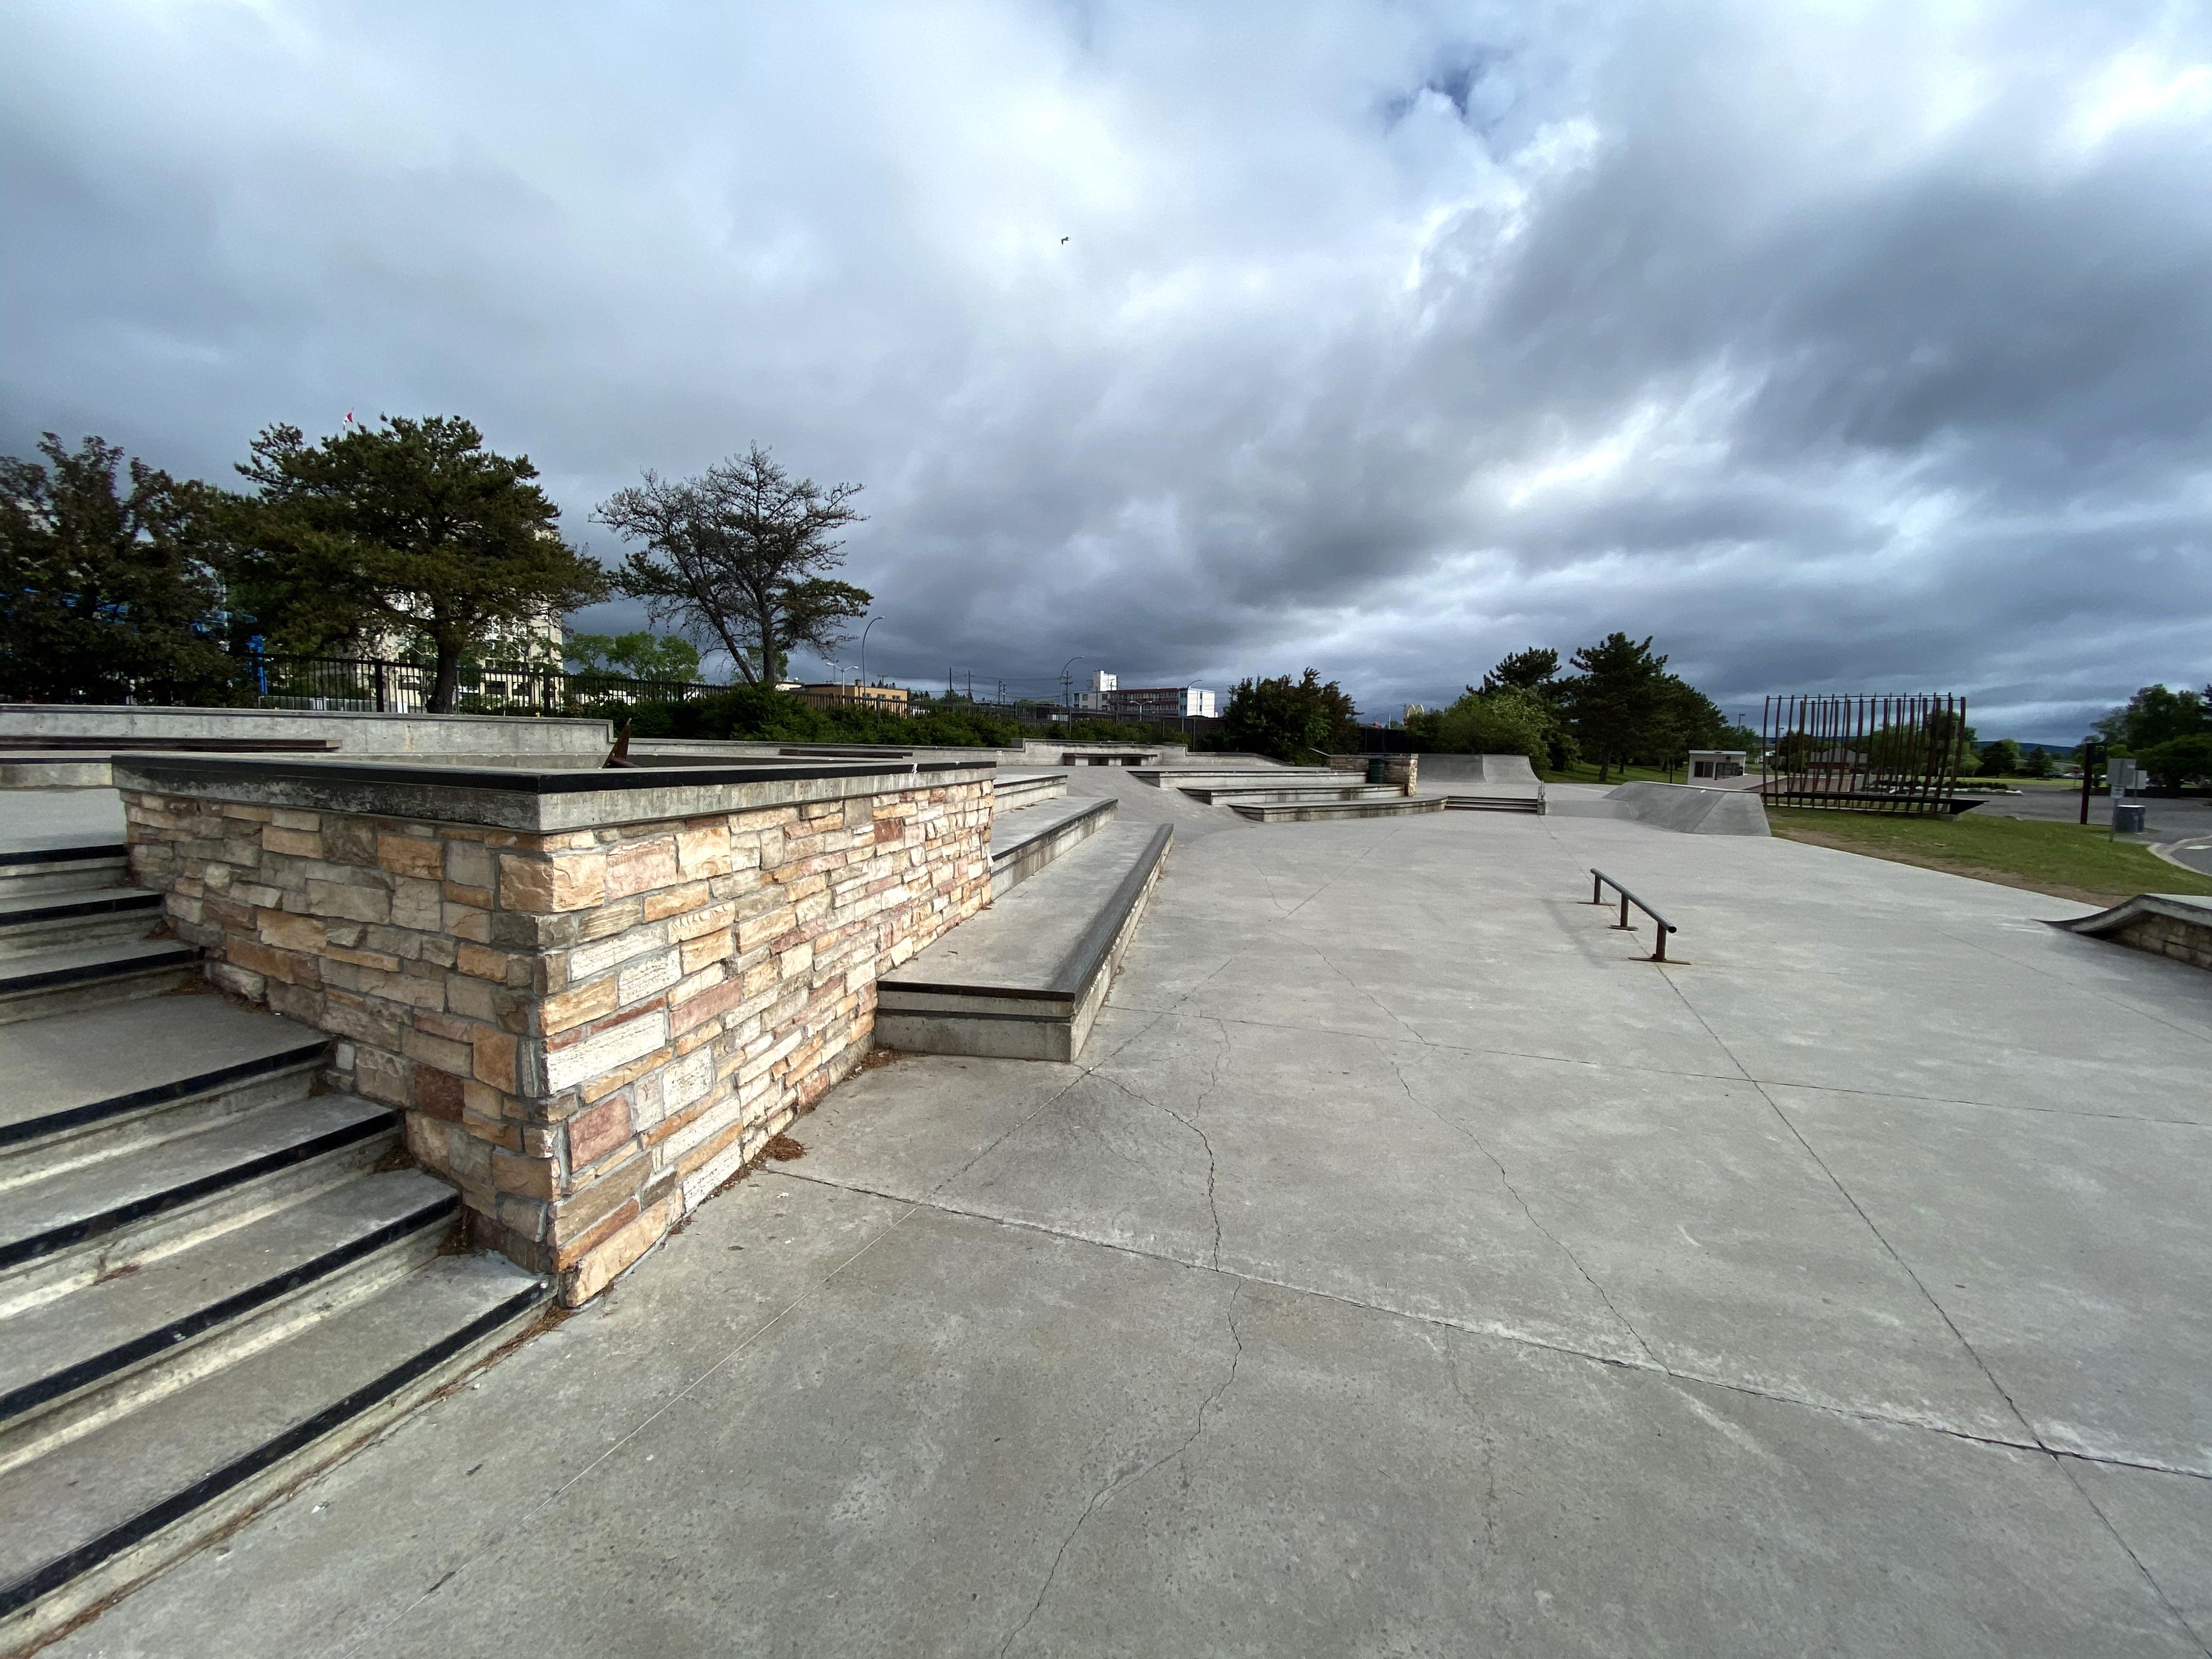 Thunder Bay skatepark